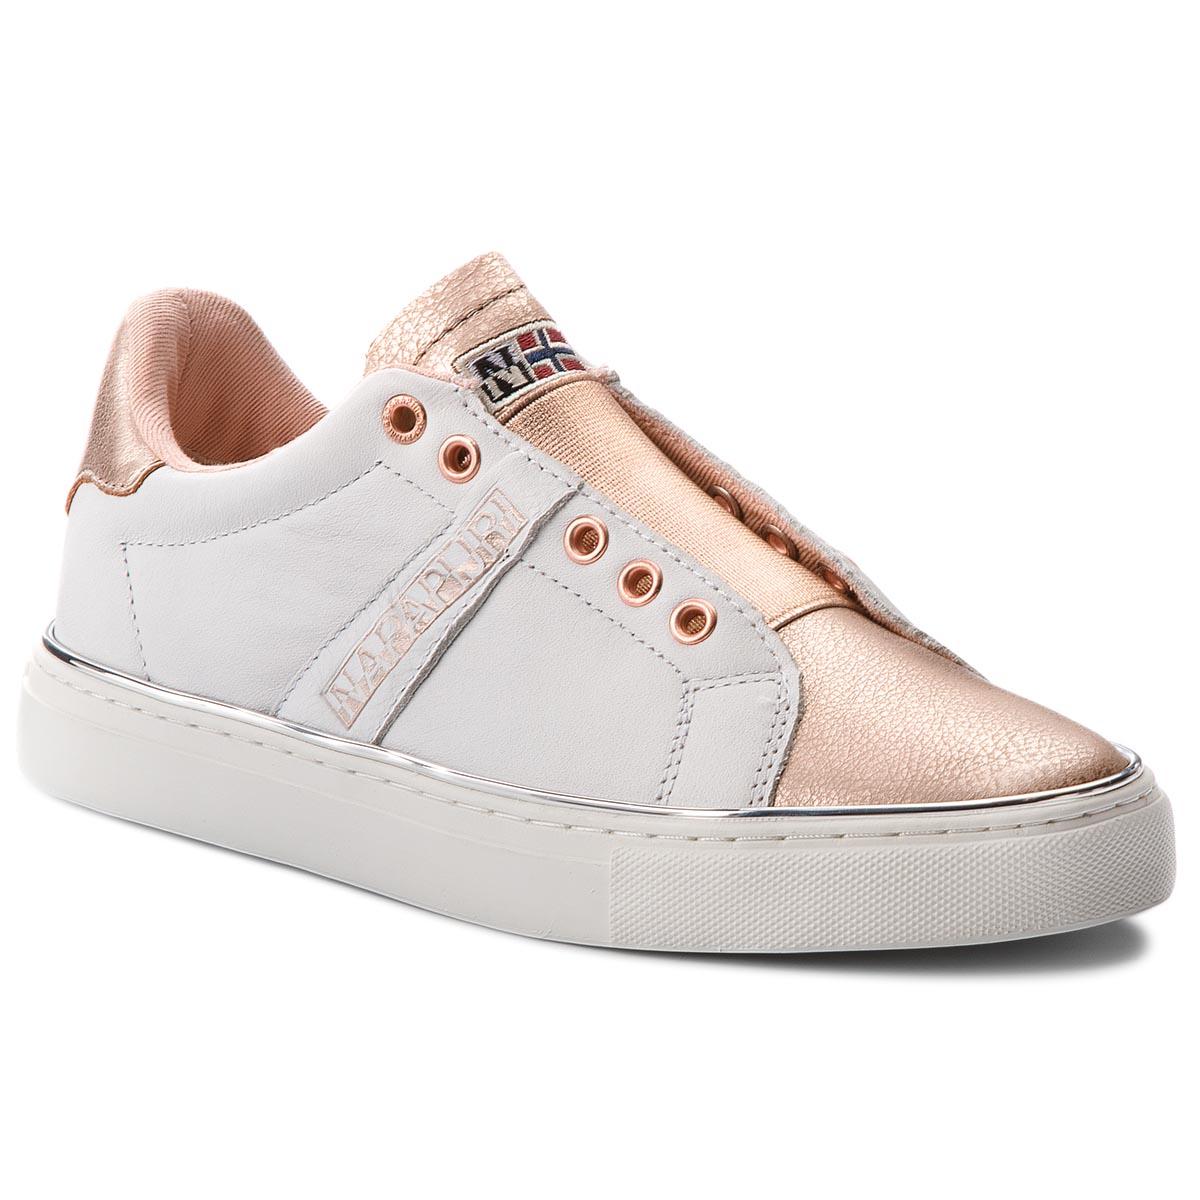 Sportcipő NAPAPIJRI Alicia 16771592 WhiteRose Gold N06